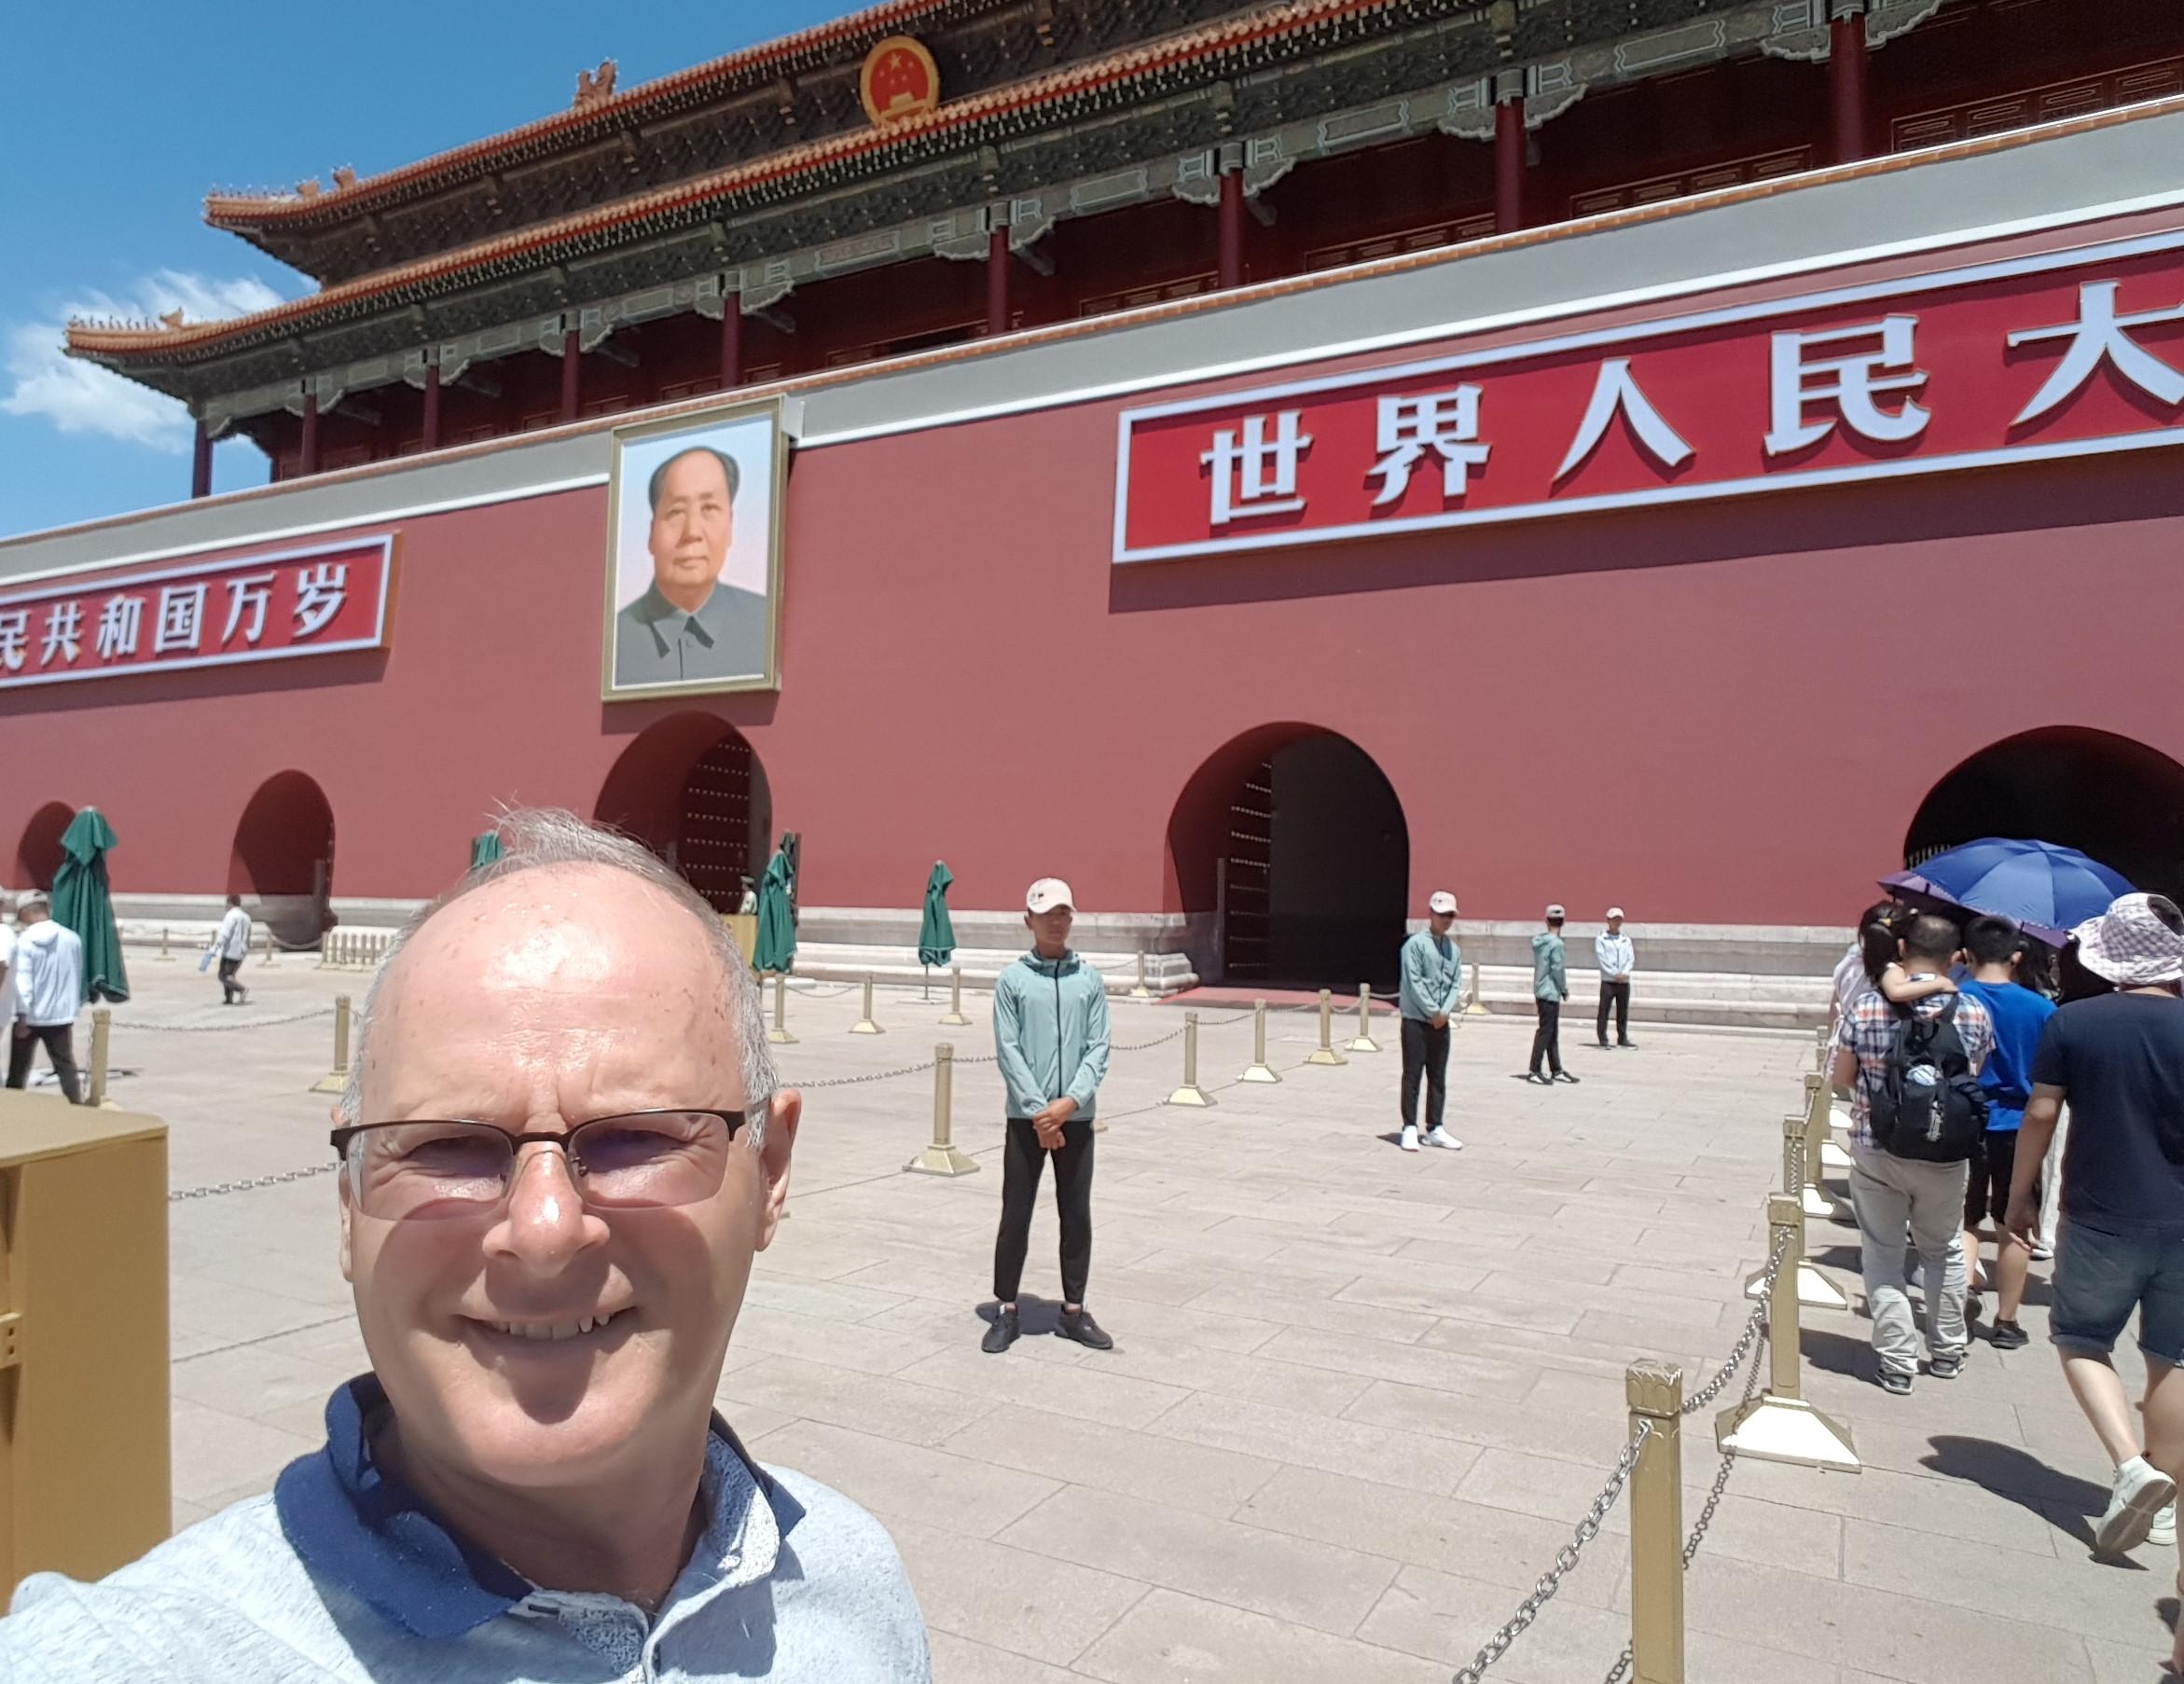 Entrance to the Forbidden City